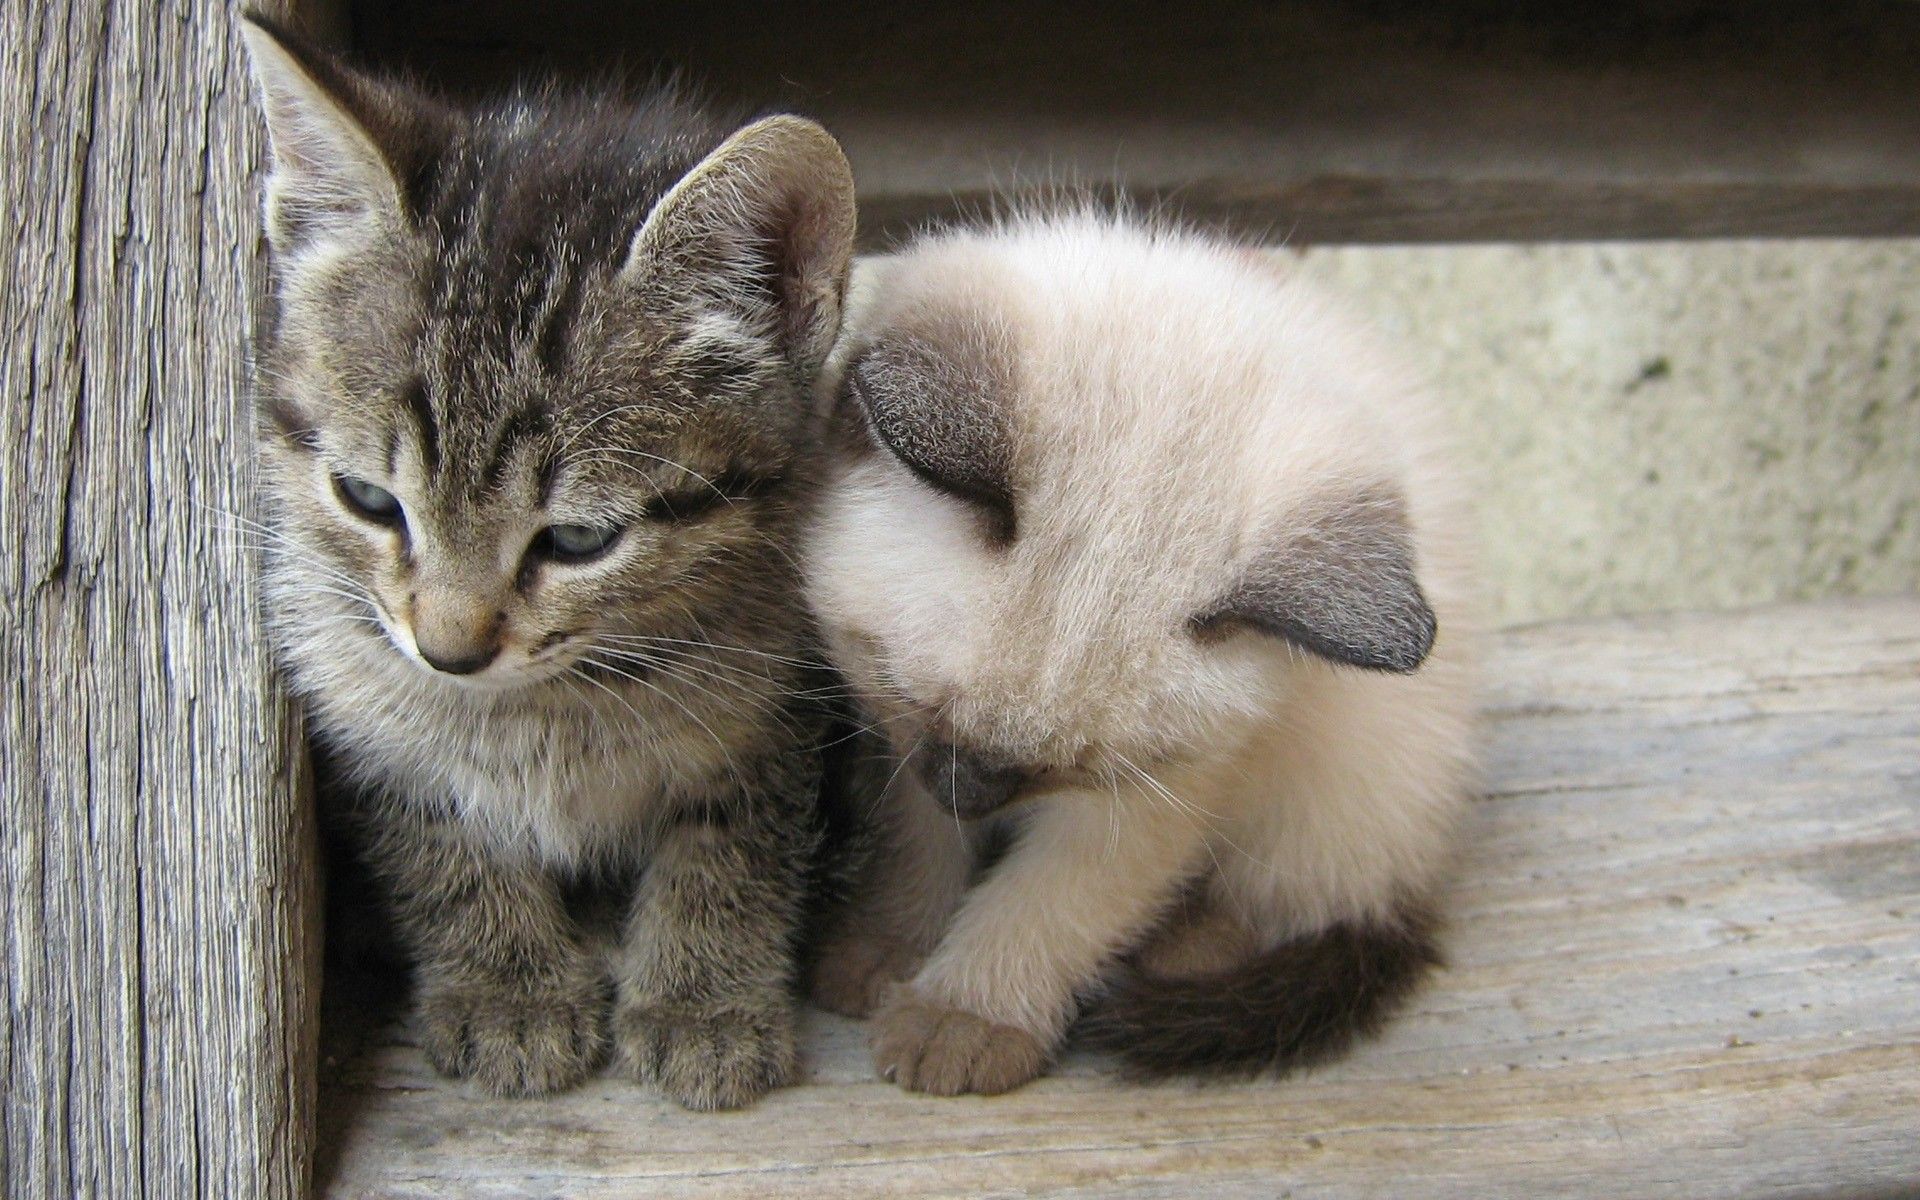 Прикольные картинки с животными любимой, фото друзьями